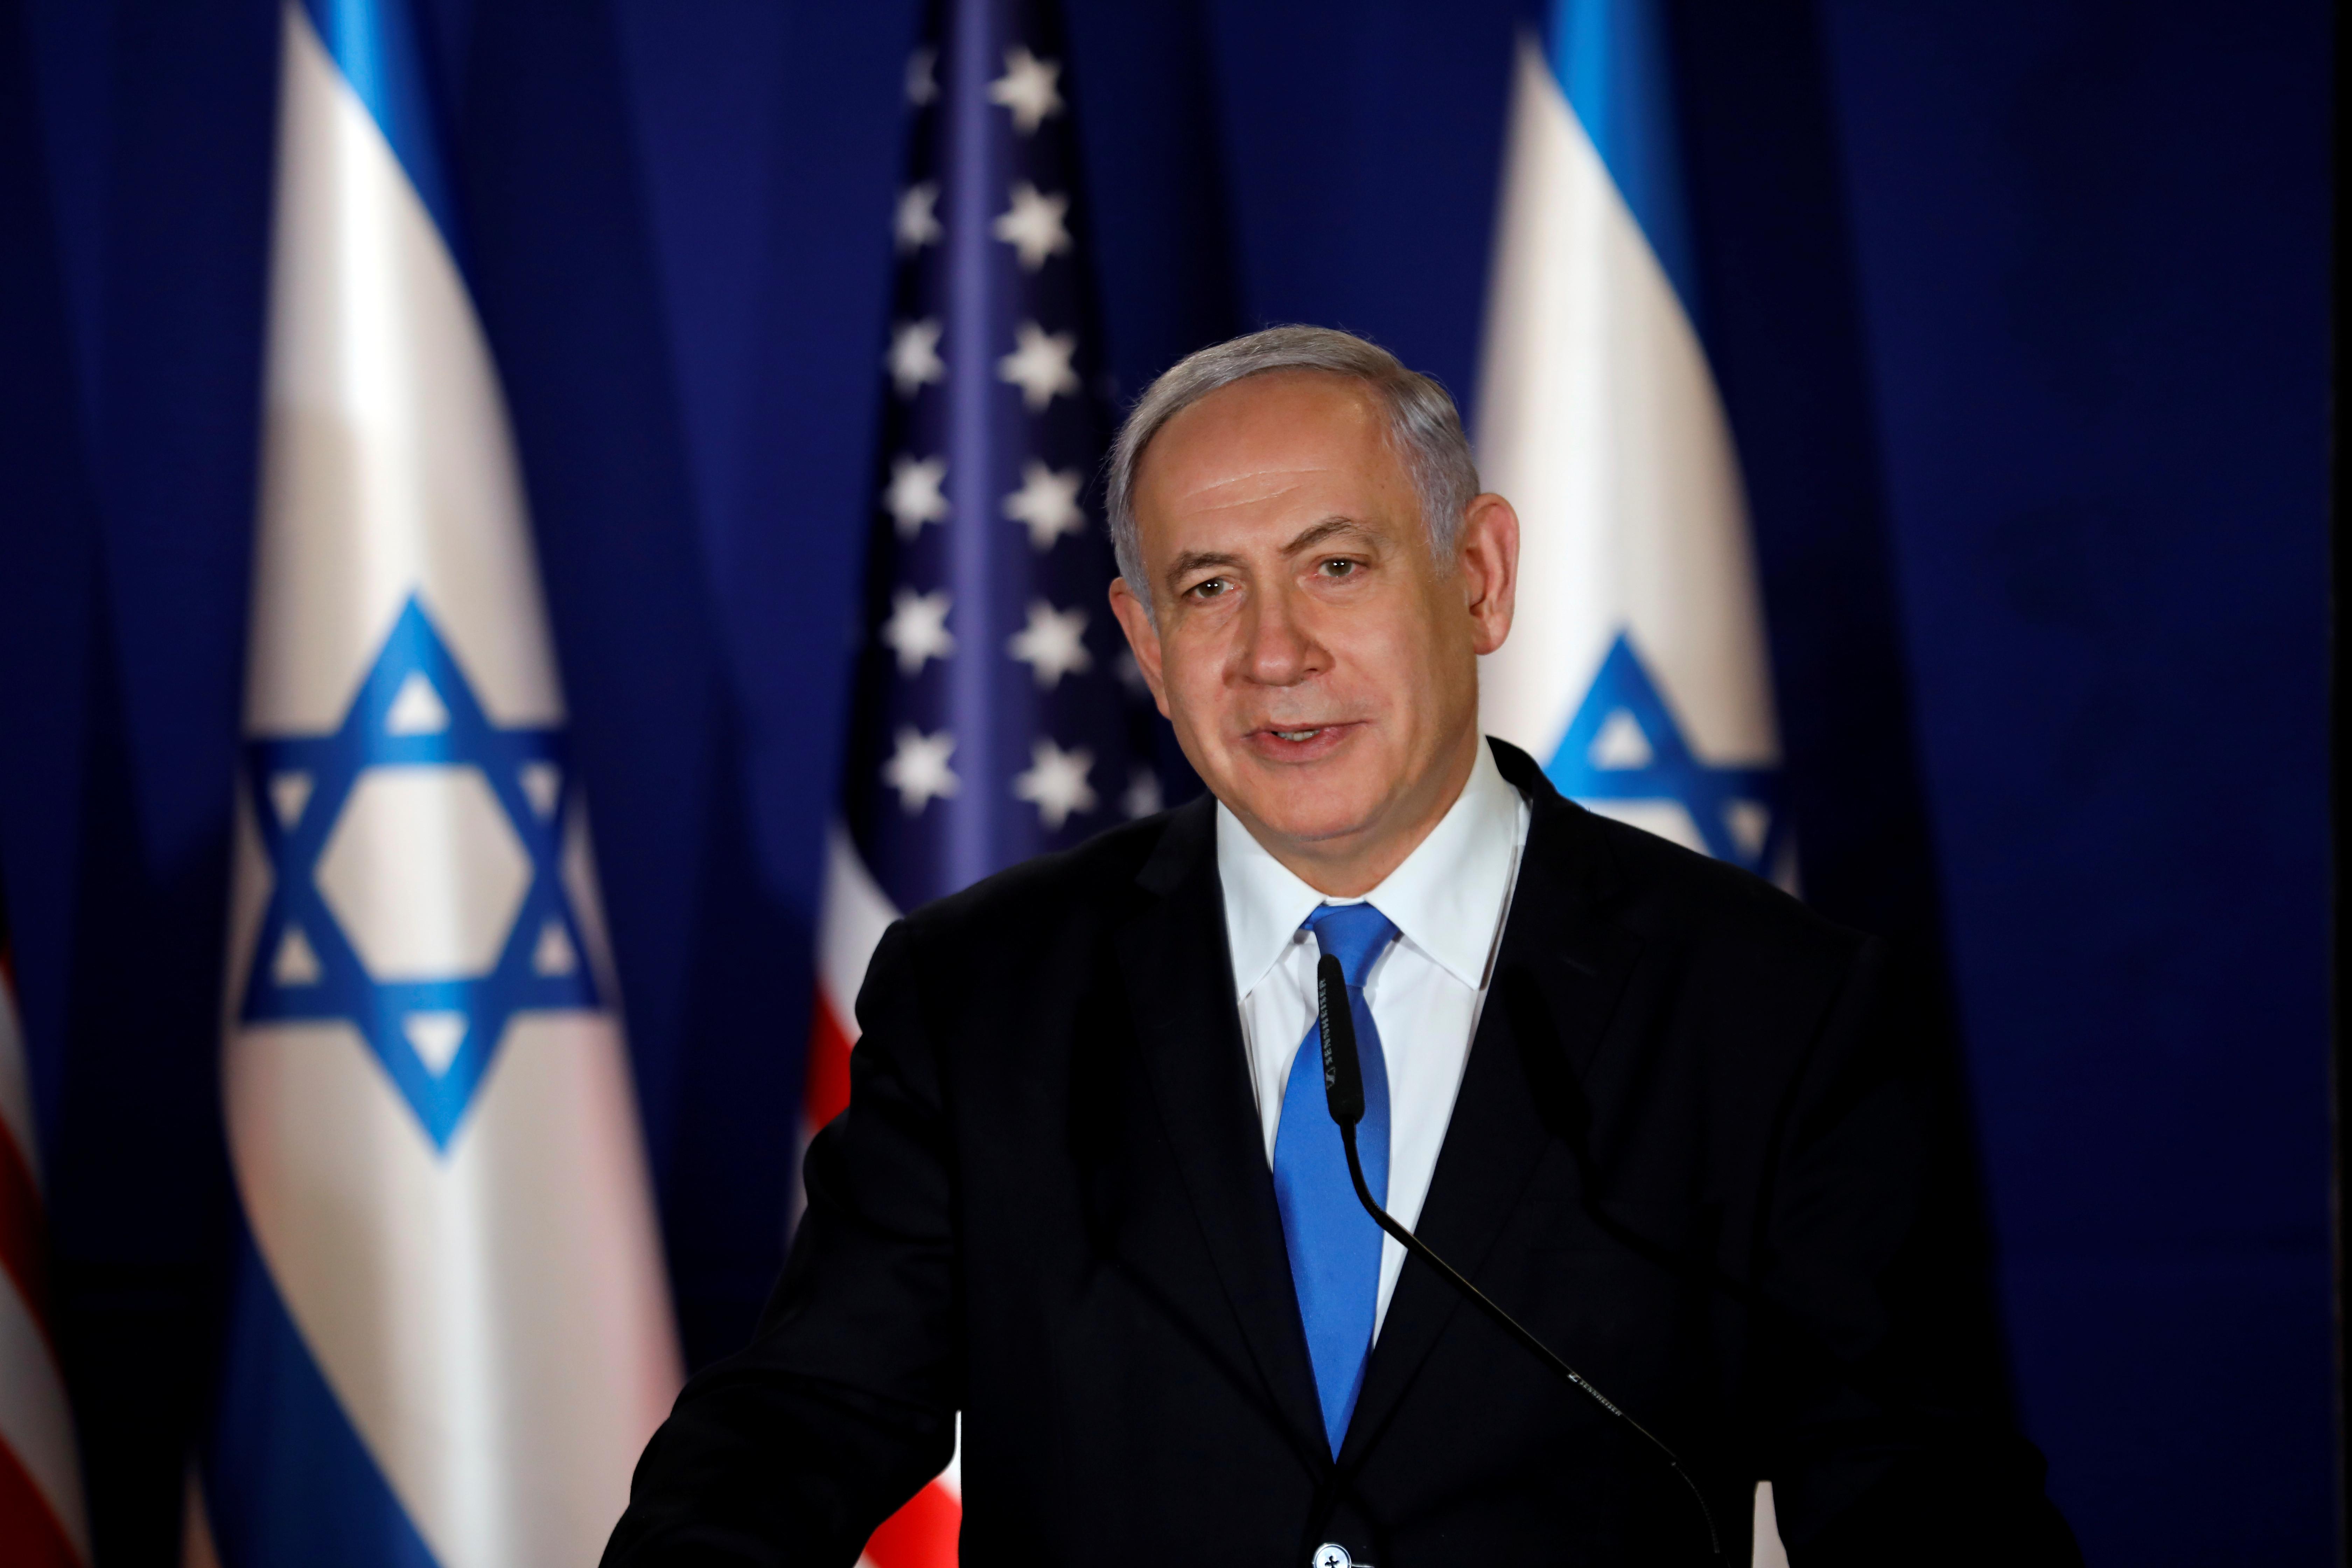 Netanyahu adverte que Israel pode endurecer ações na Faixa de Gaza